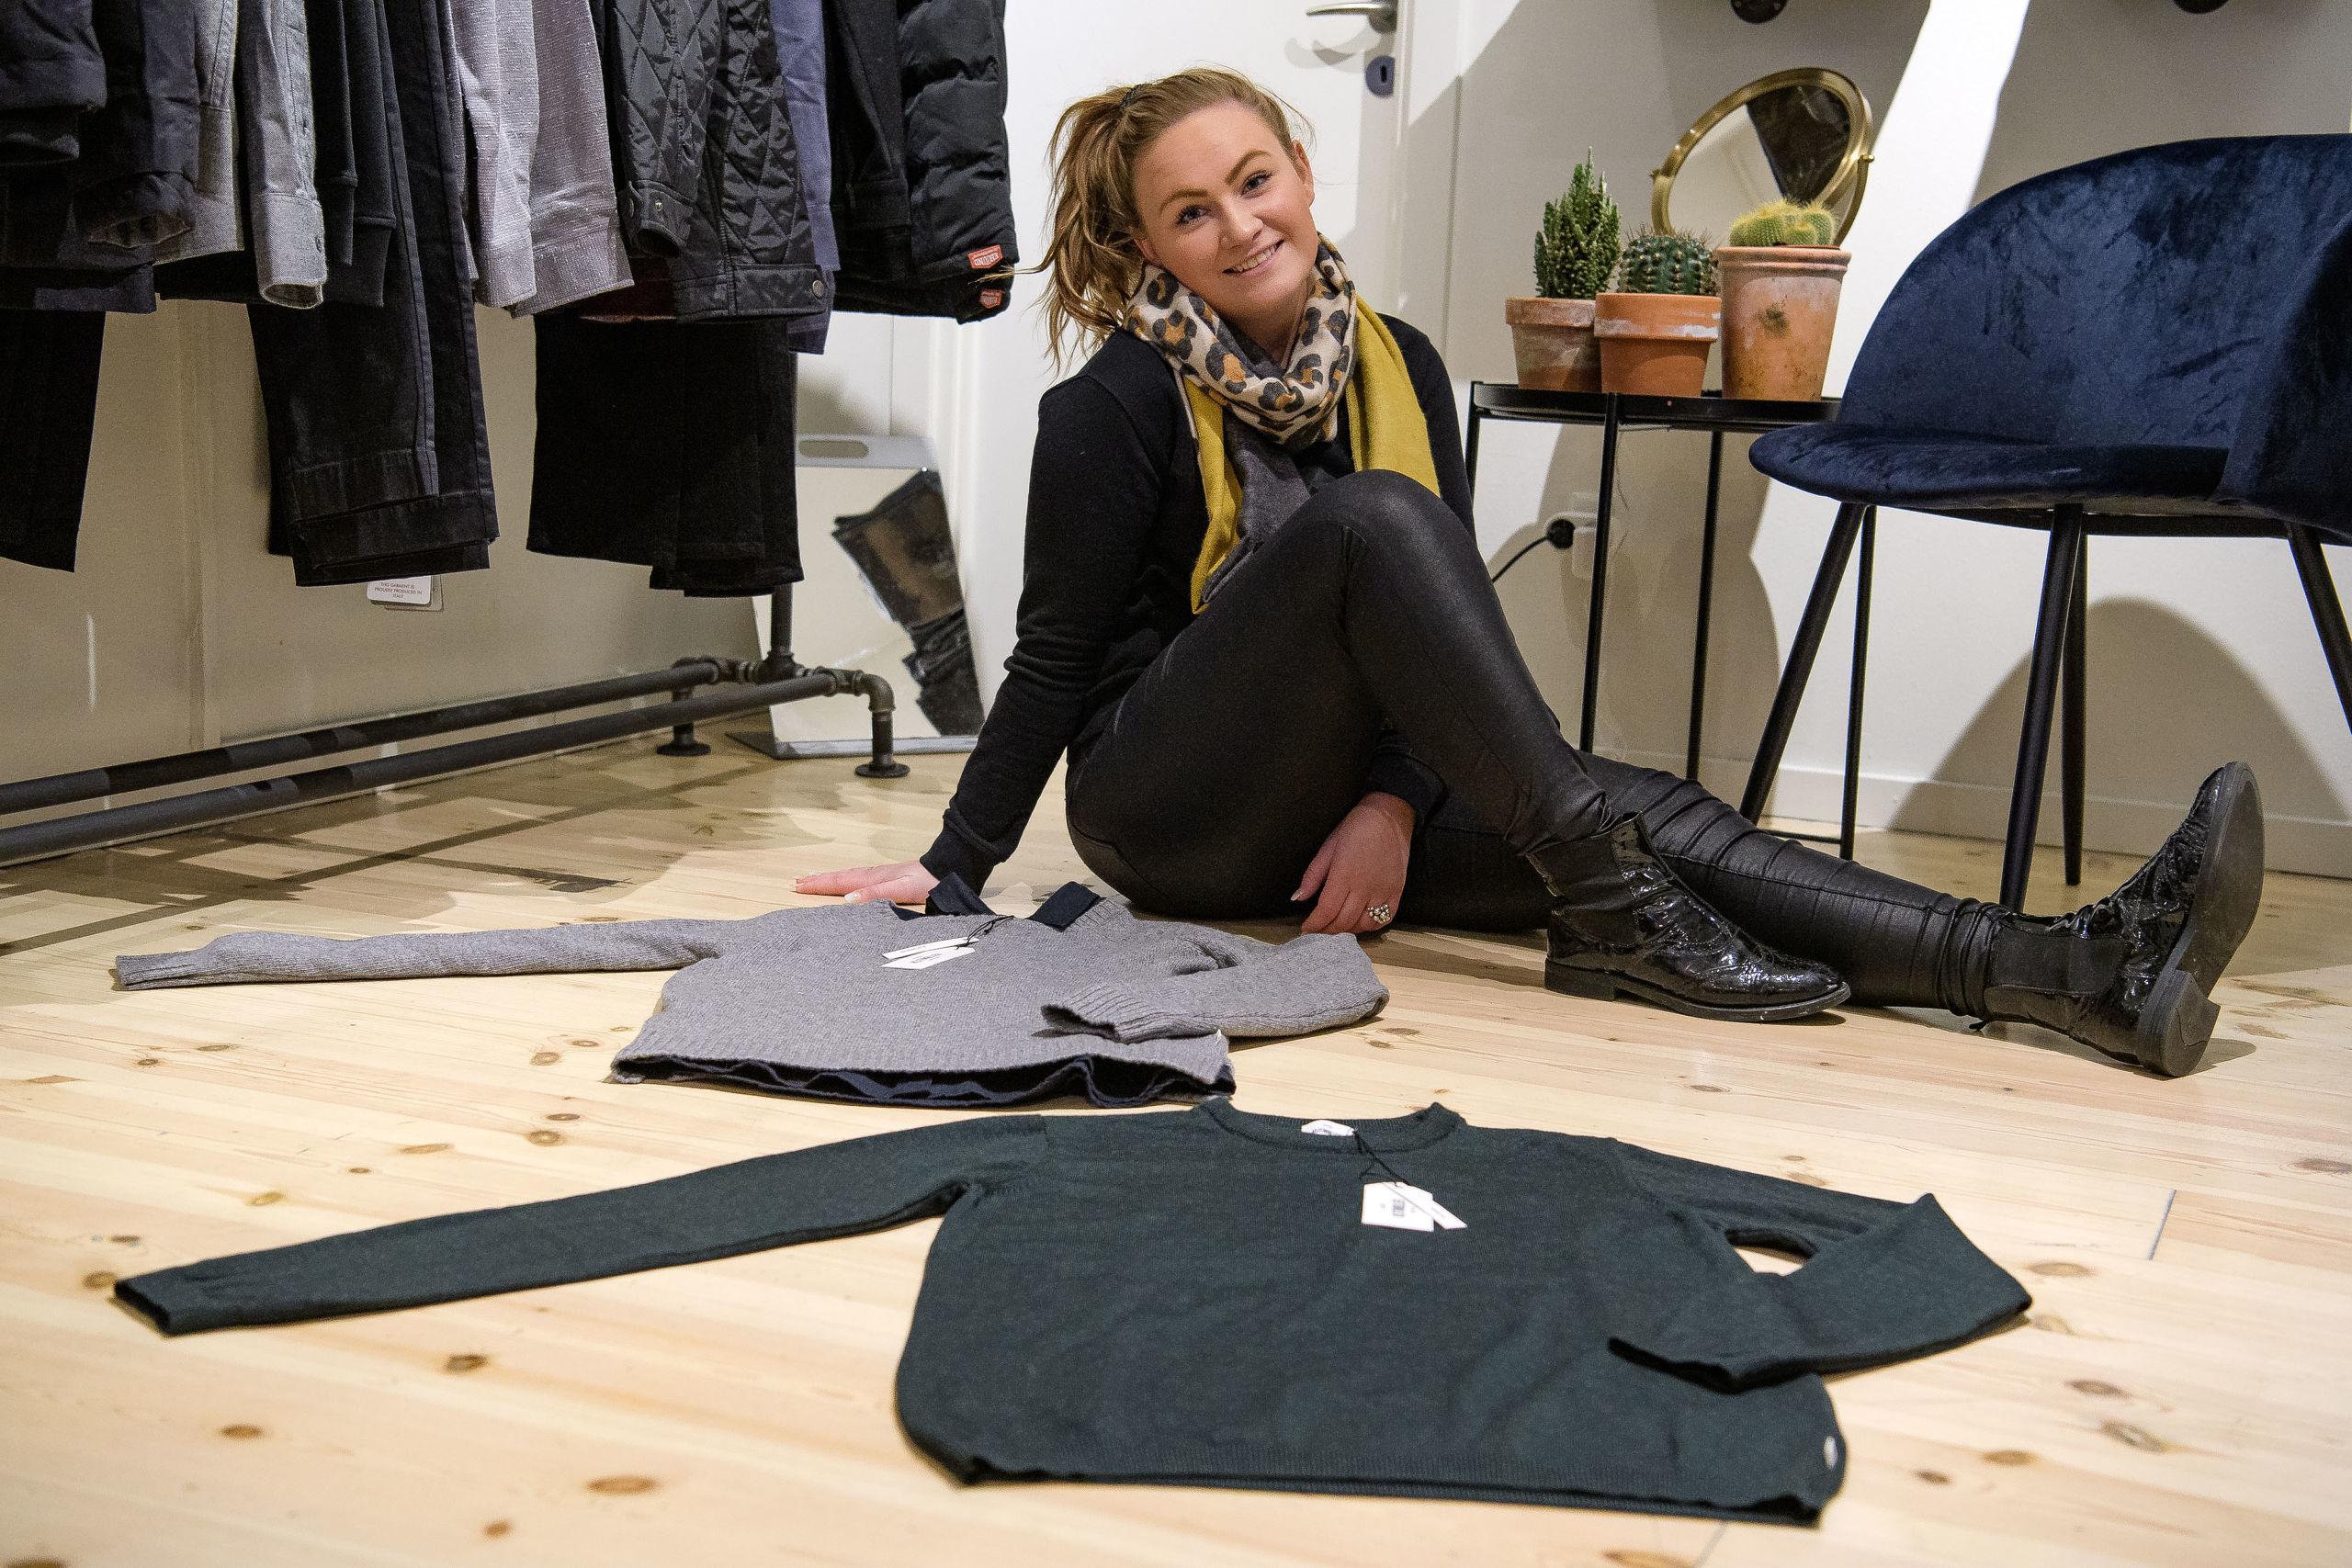 Amalie Marlene Duus i det romantiske hjørne. Ens sweatere er et godt bud på gaven, der skal udveksles mellem parret. Foto: Anne Helene Kahr Thomsen